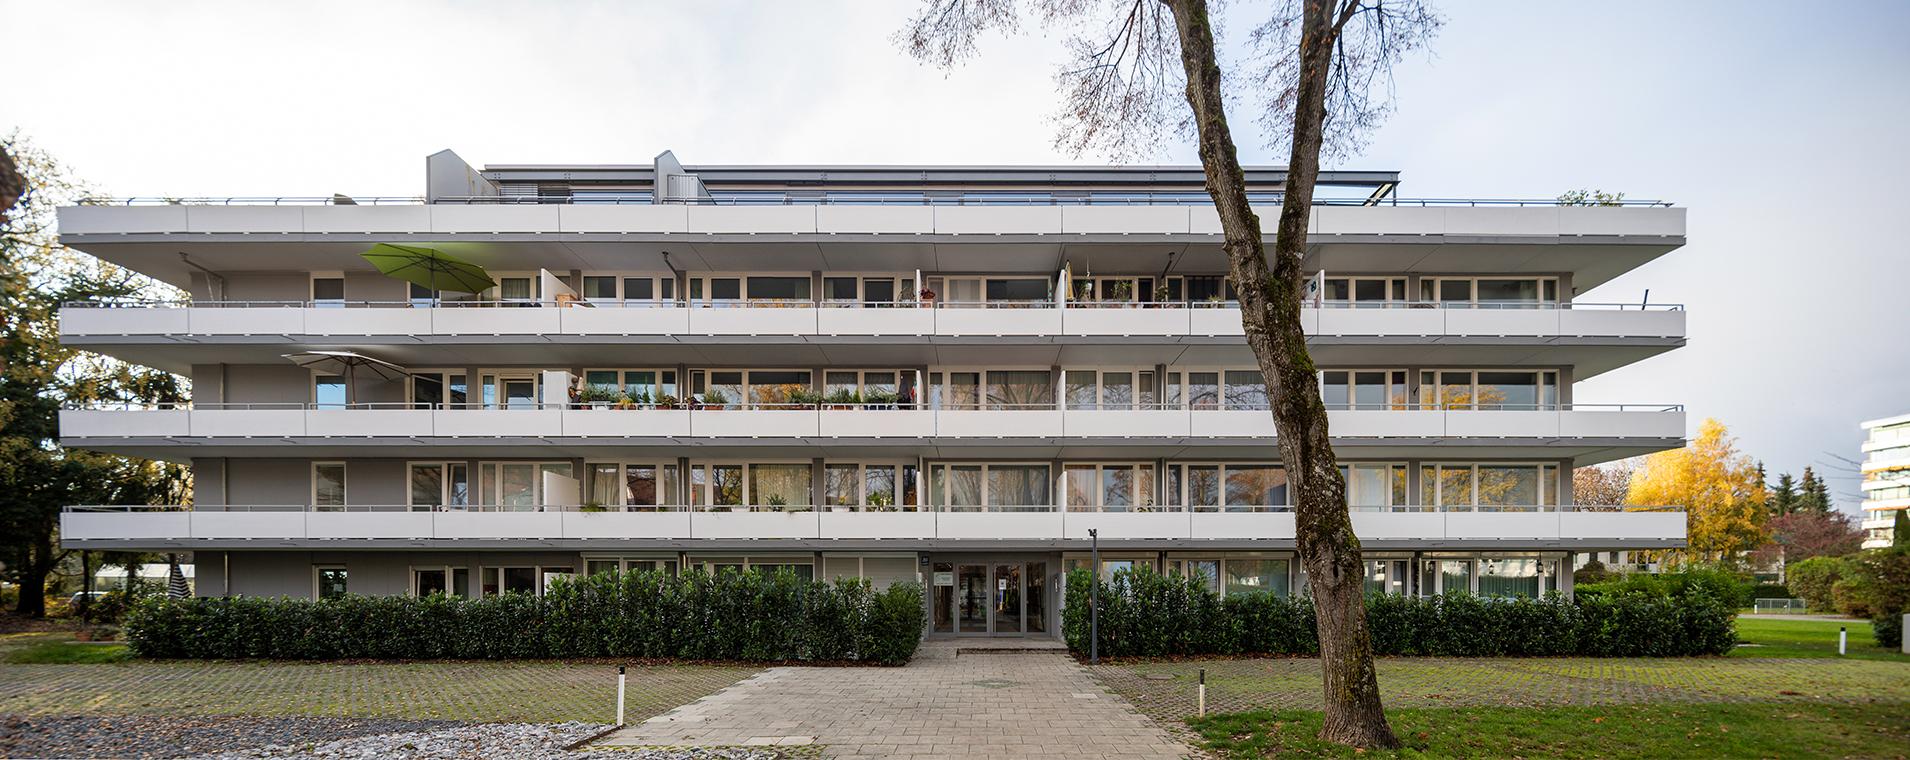 Bauen im Bestand Aufstockung Bottler Lutz Architekten